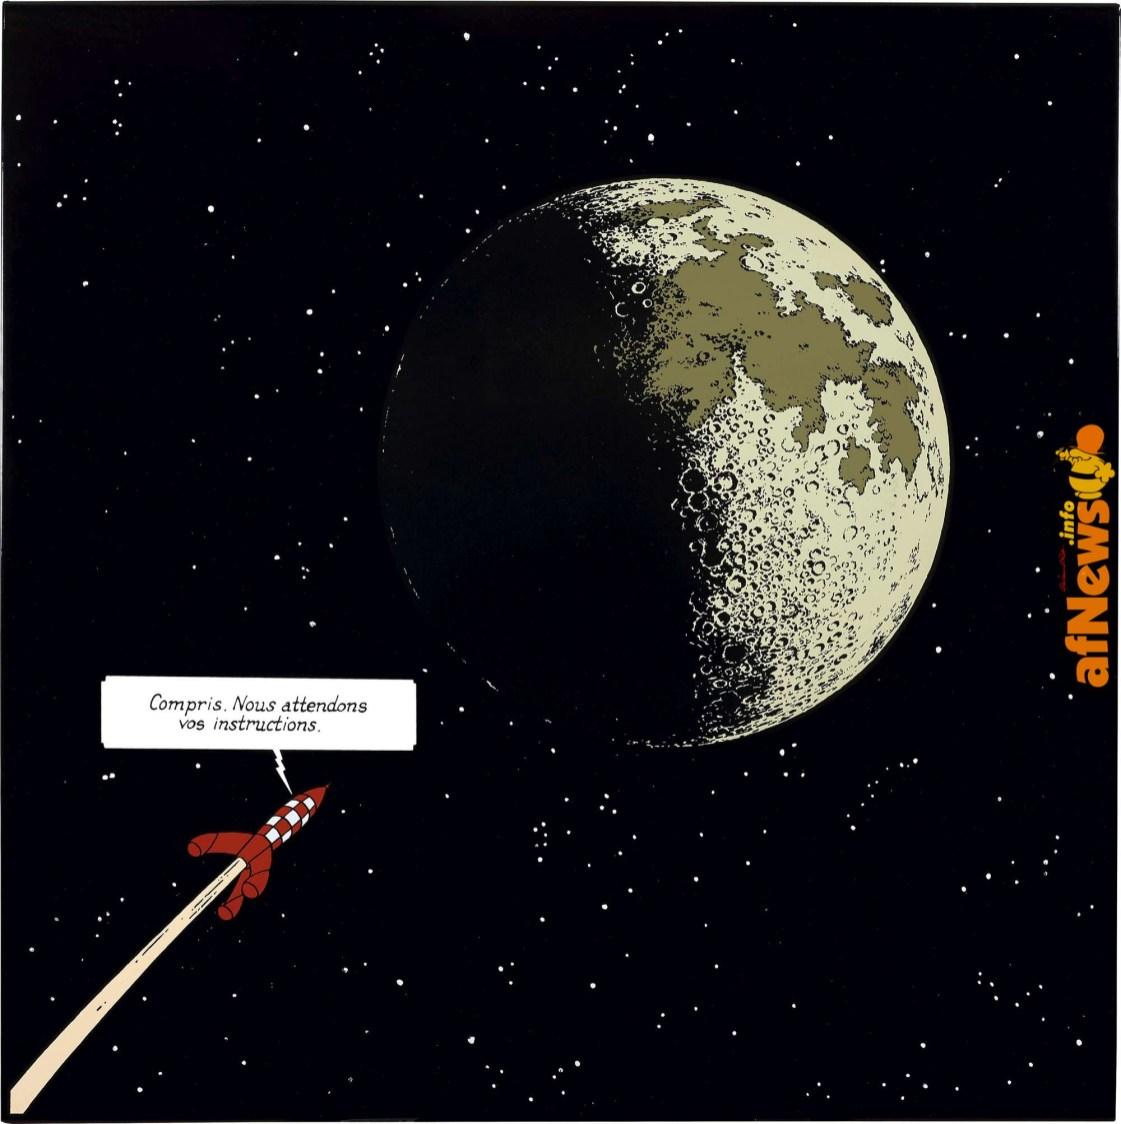 Tintin Luna 3-afnews